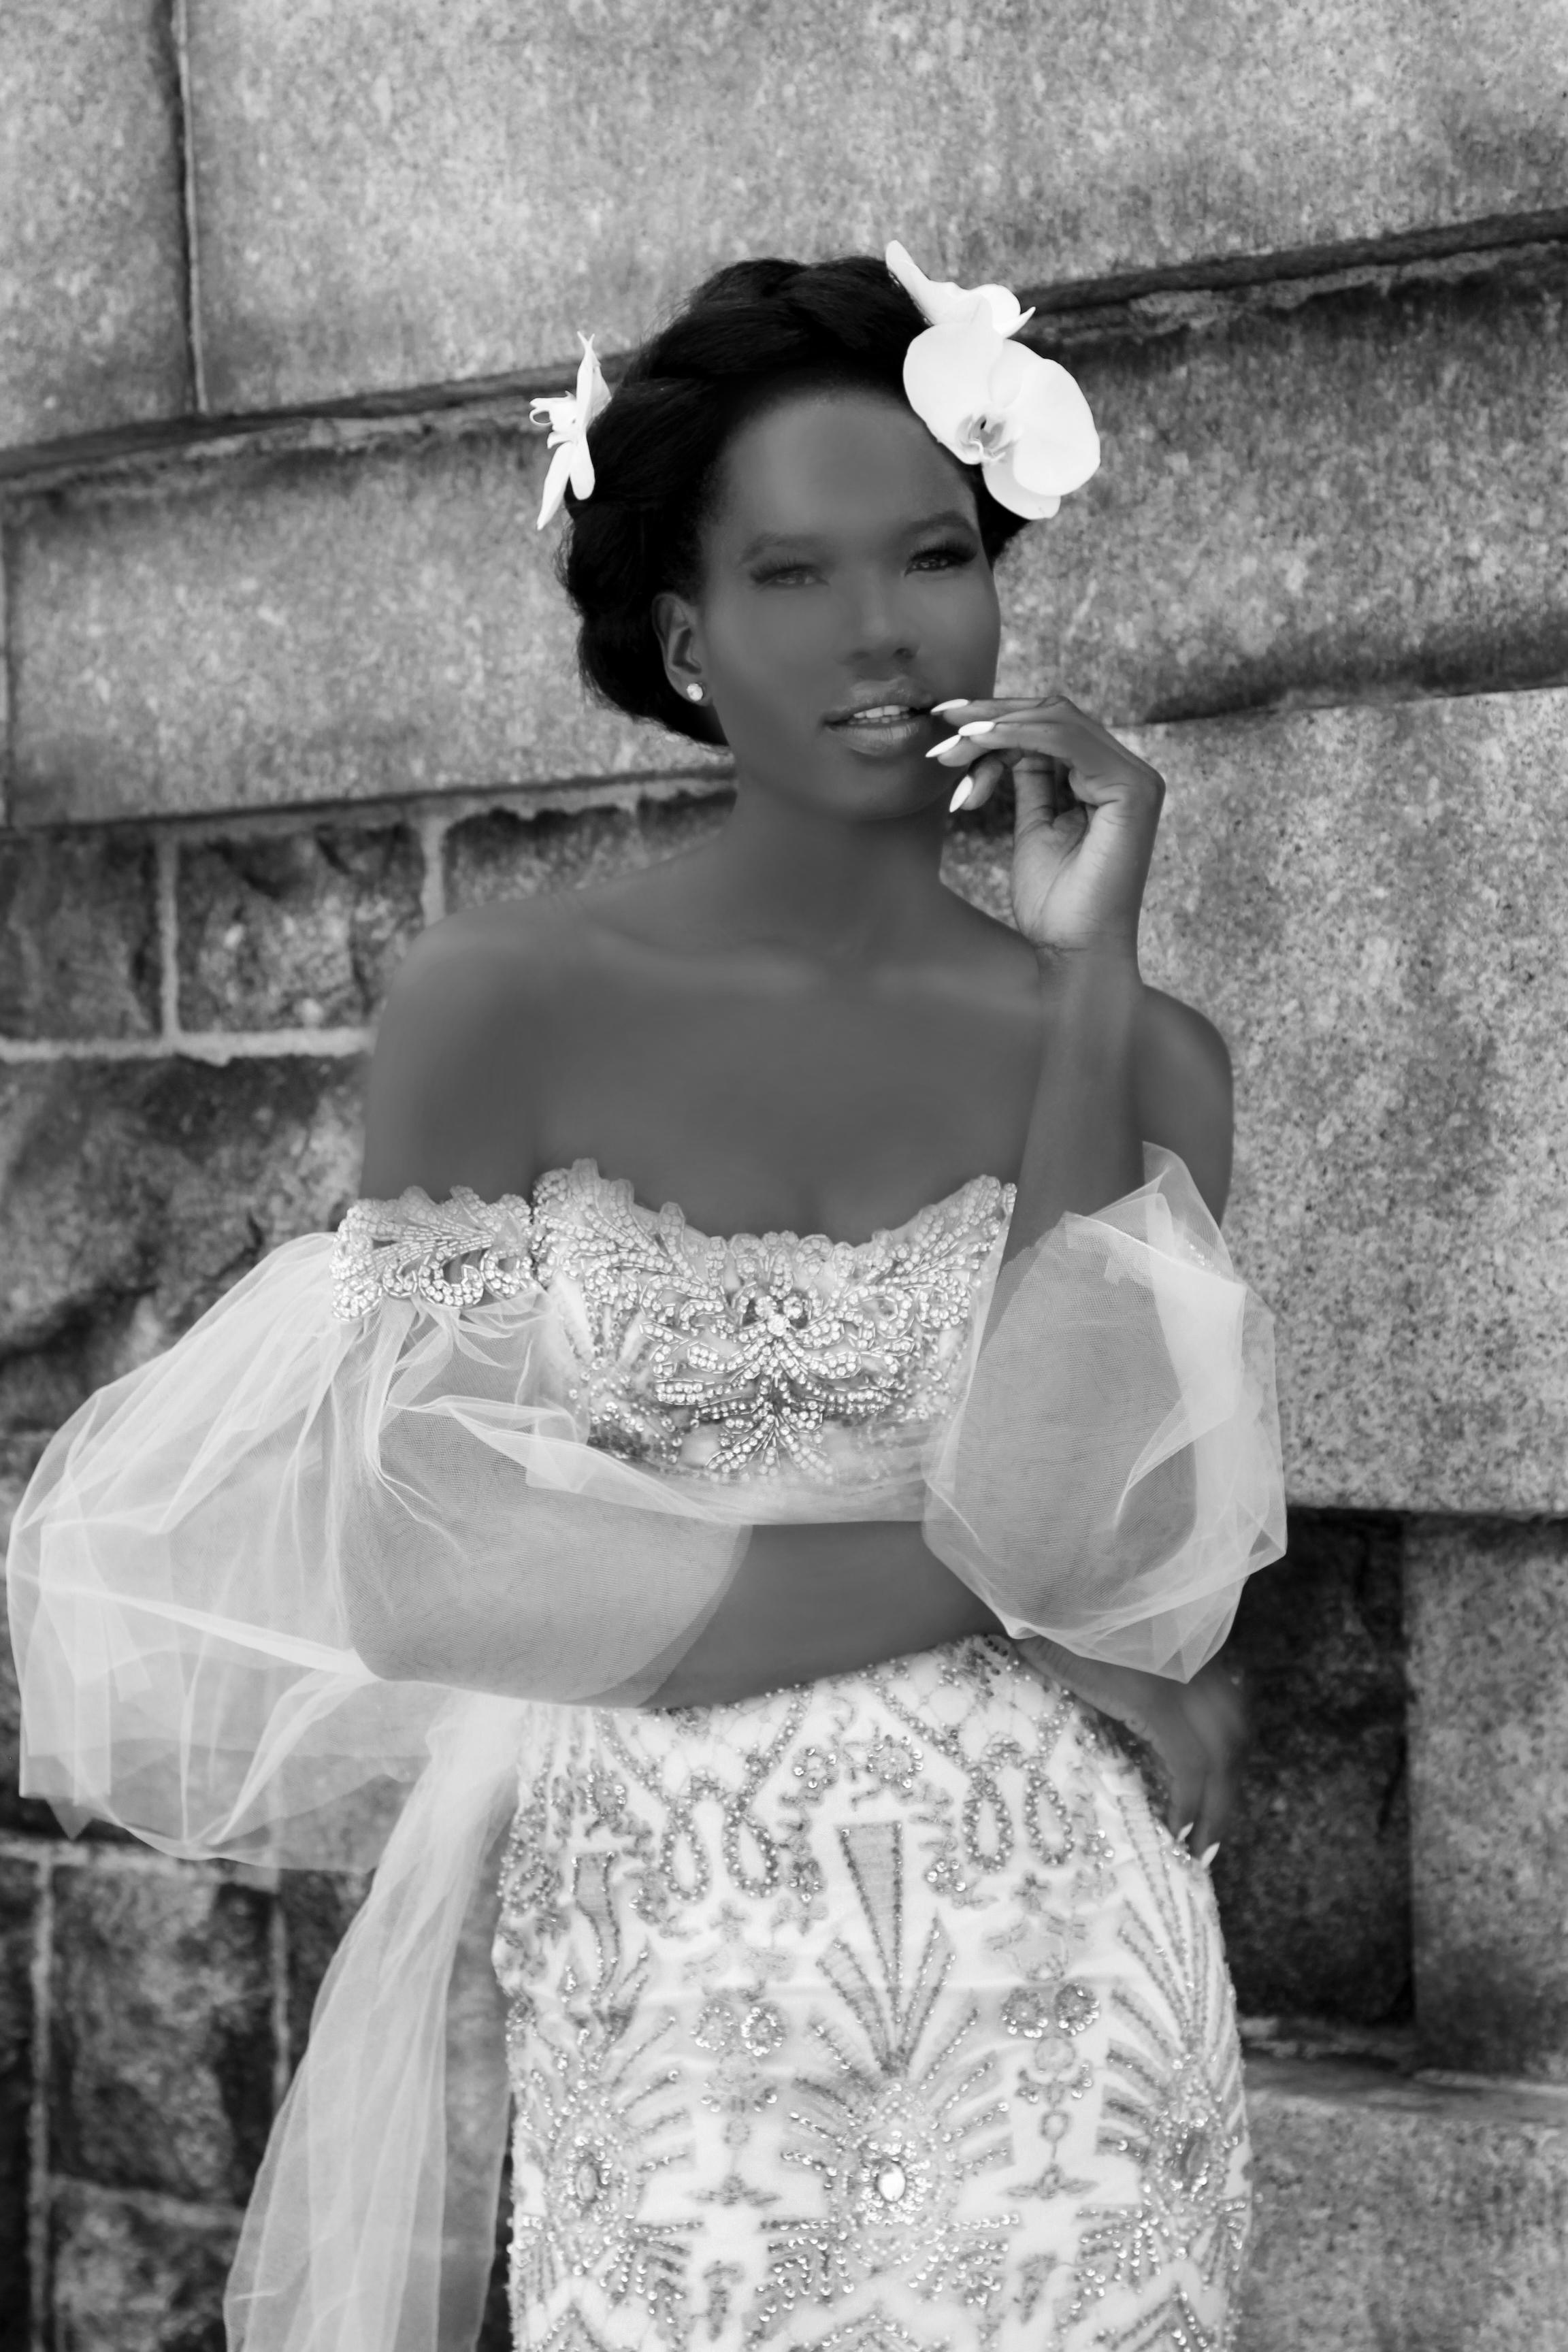 6_art deco mermaid gown_bw.jpg